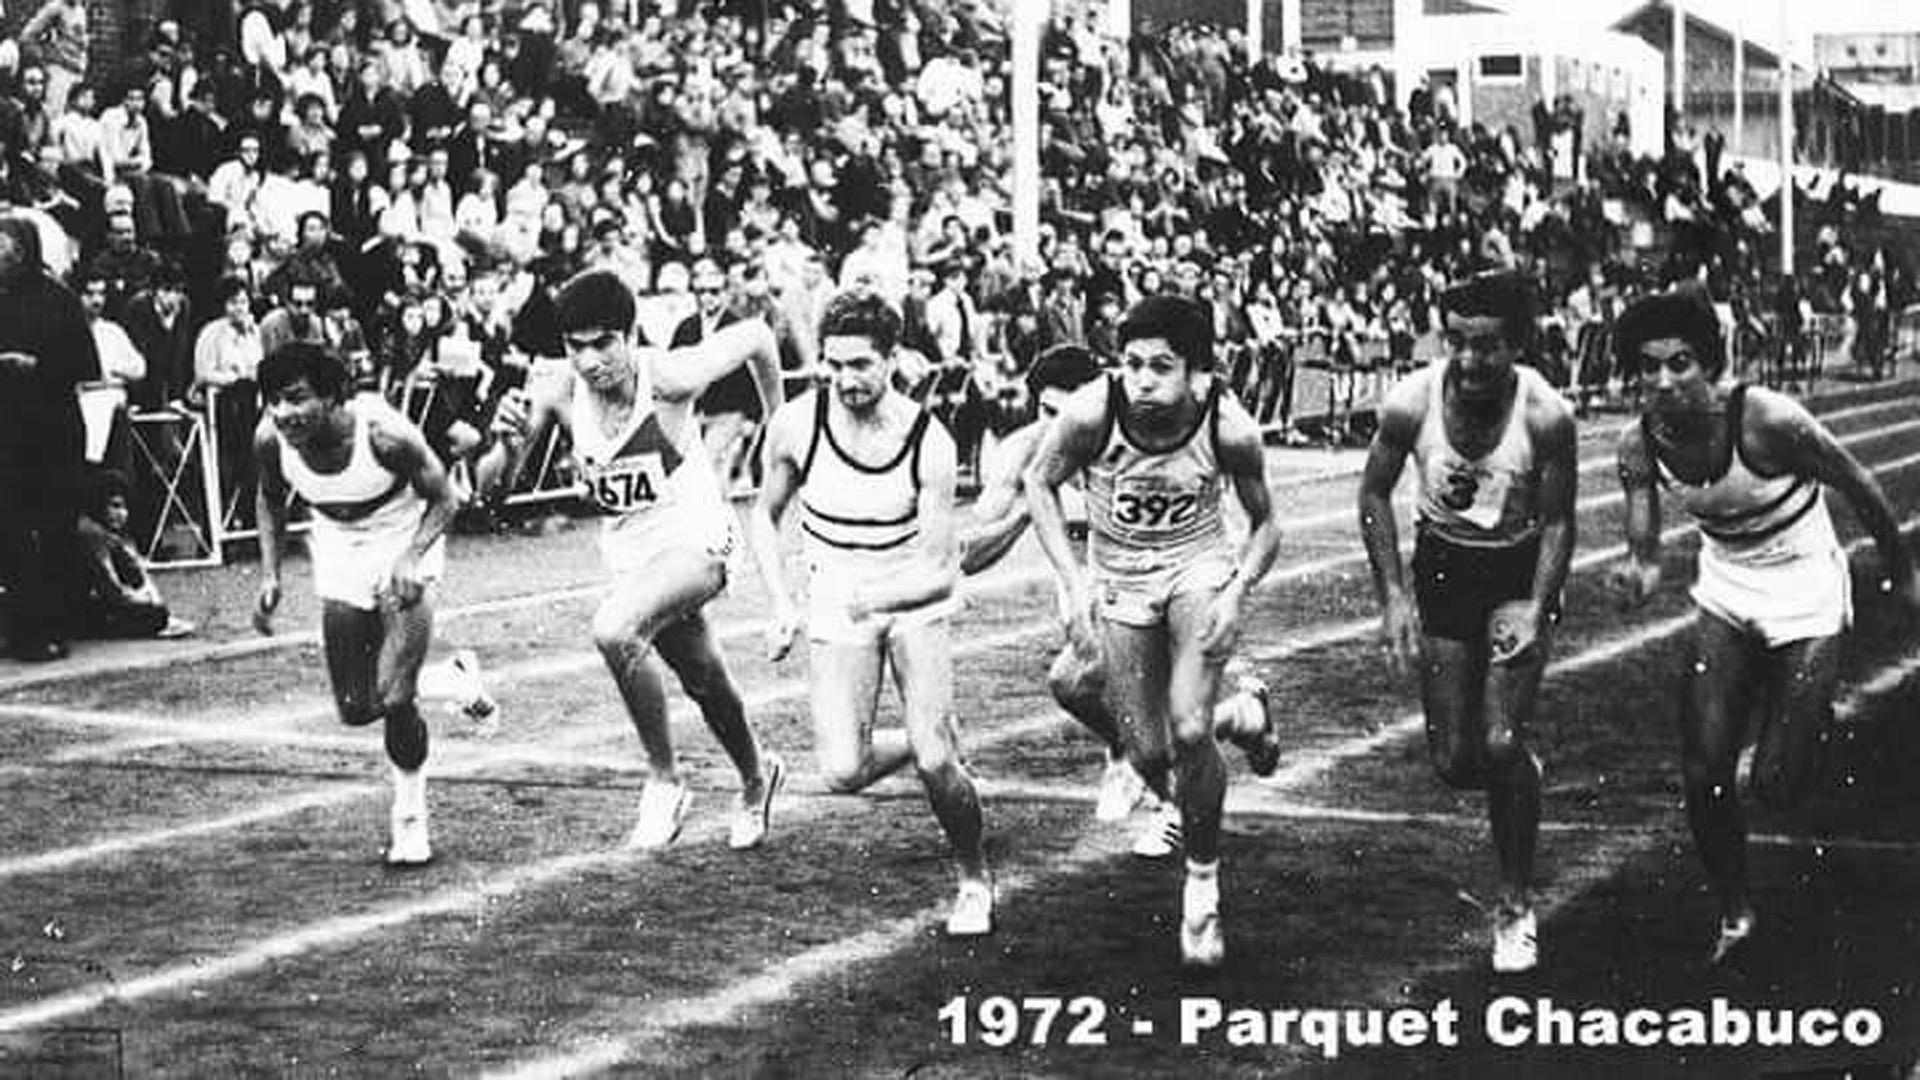 Una de las carreras en Parque Chacabuco que tuvo lugar en 1972 (Locos por Correr)